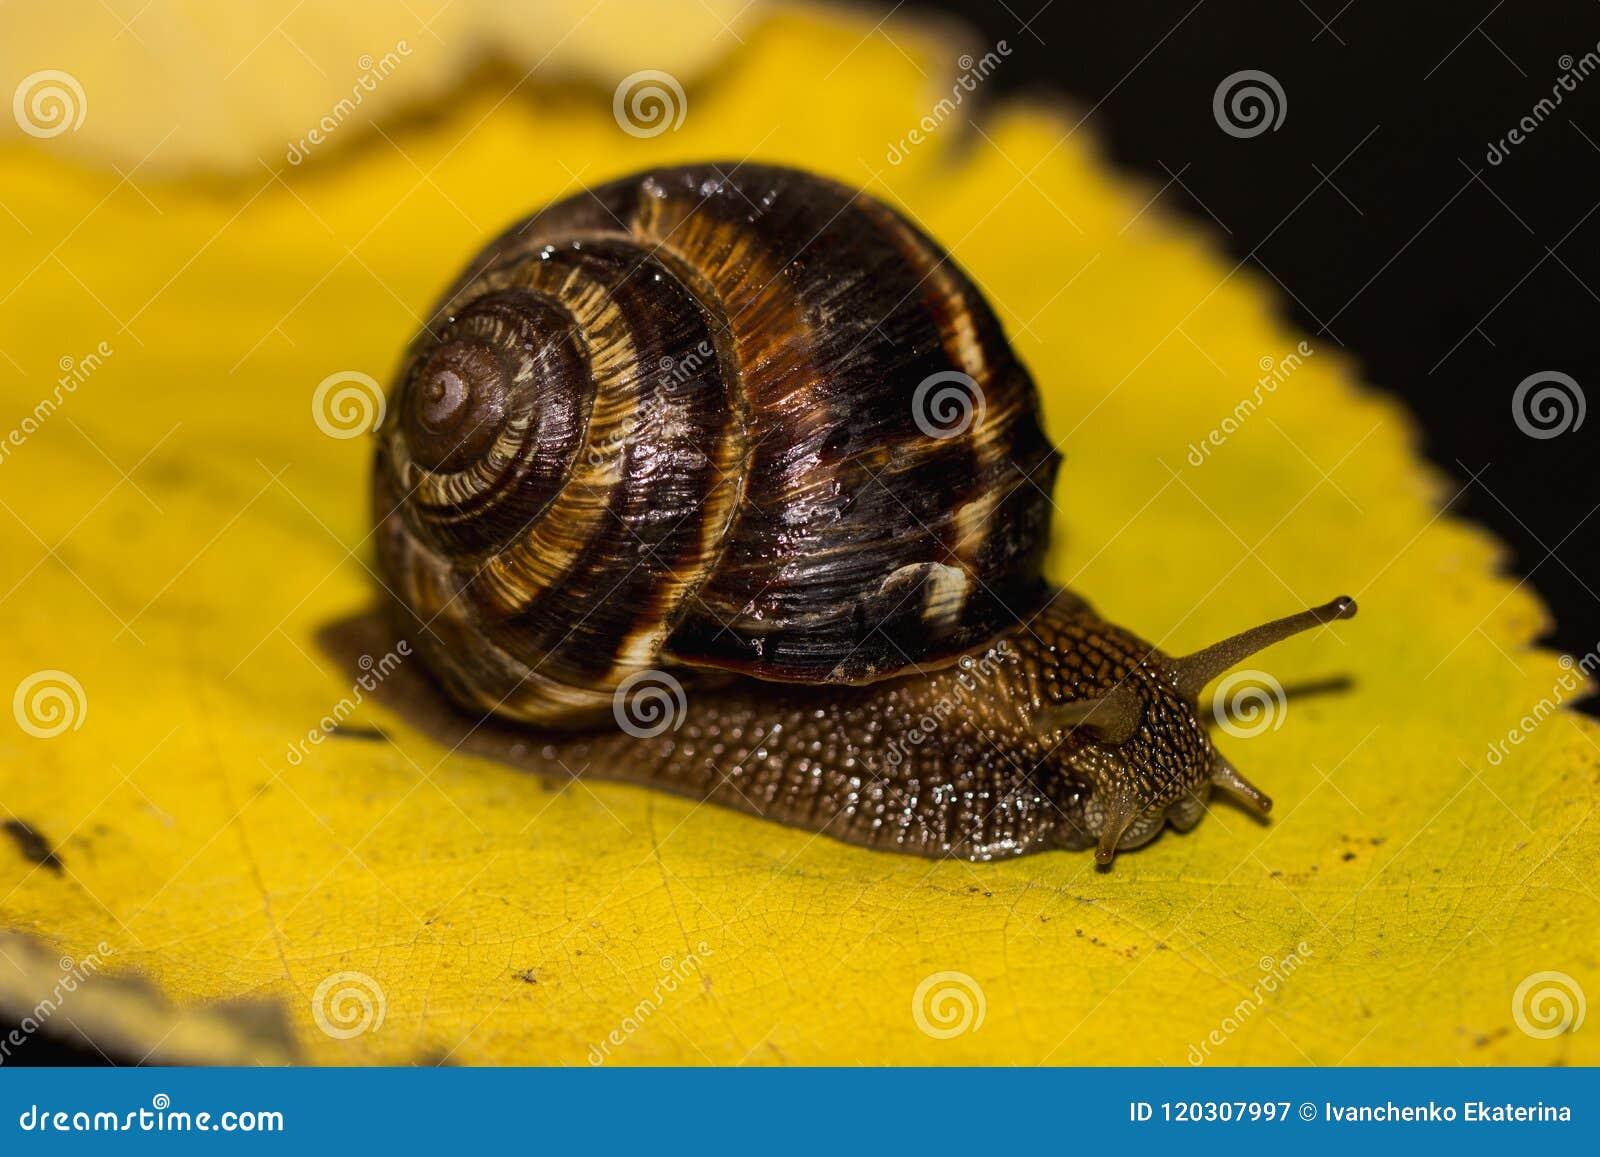 Το σαλιγκάρι είναι μοναδικό ζωντανό πλάσμα που προστατεύεται από ένα κοχύλι και μπορεί να ζήσει όχι μόνο στις άγρια περιοχές, αλλ